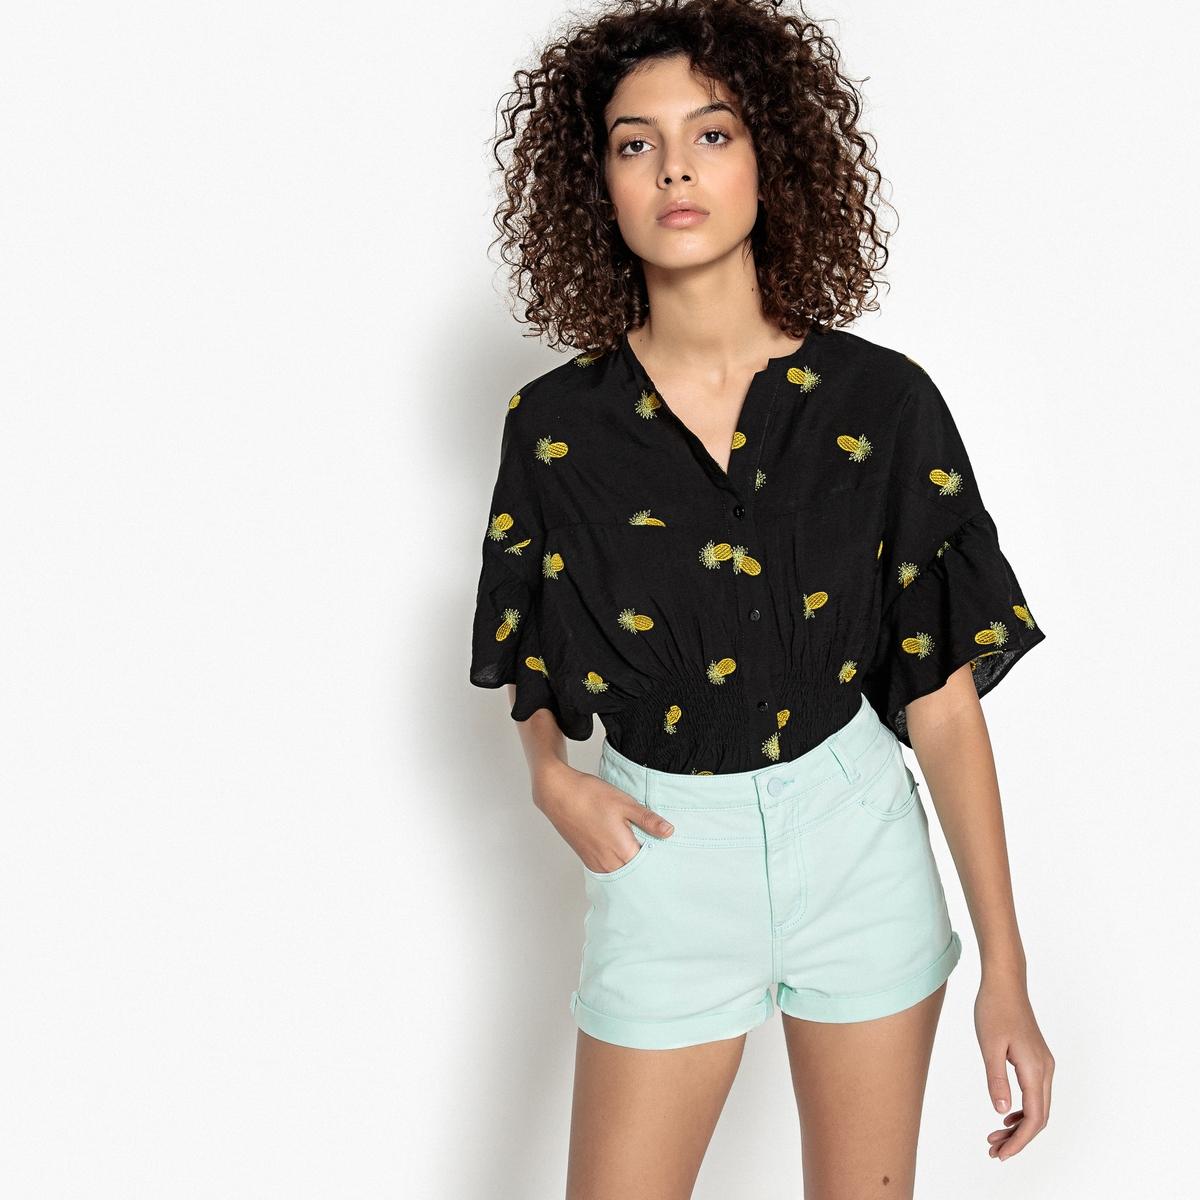 Блузка с V-образным вырезом и графическим рисунком, без рукавов lovaru ™ 2015 летний стиль женщин моды платье без рукавов мини v образным вырезом высокое качество мягкие и удобные платья горячей продажи